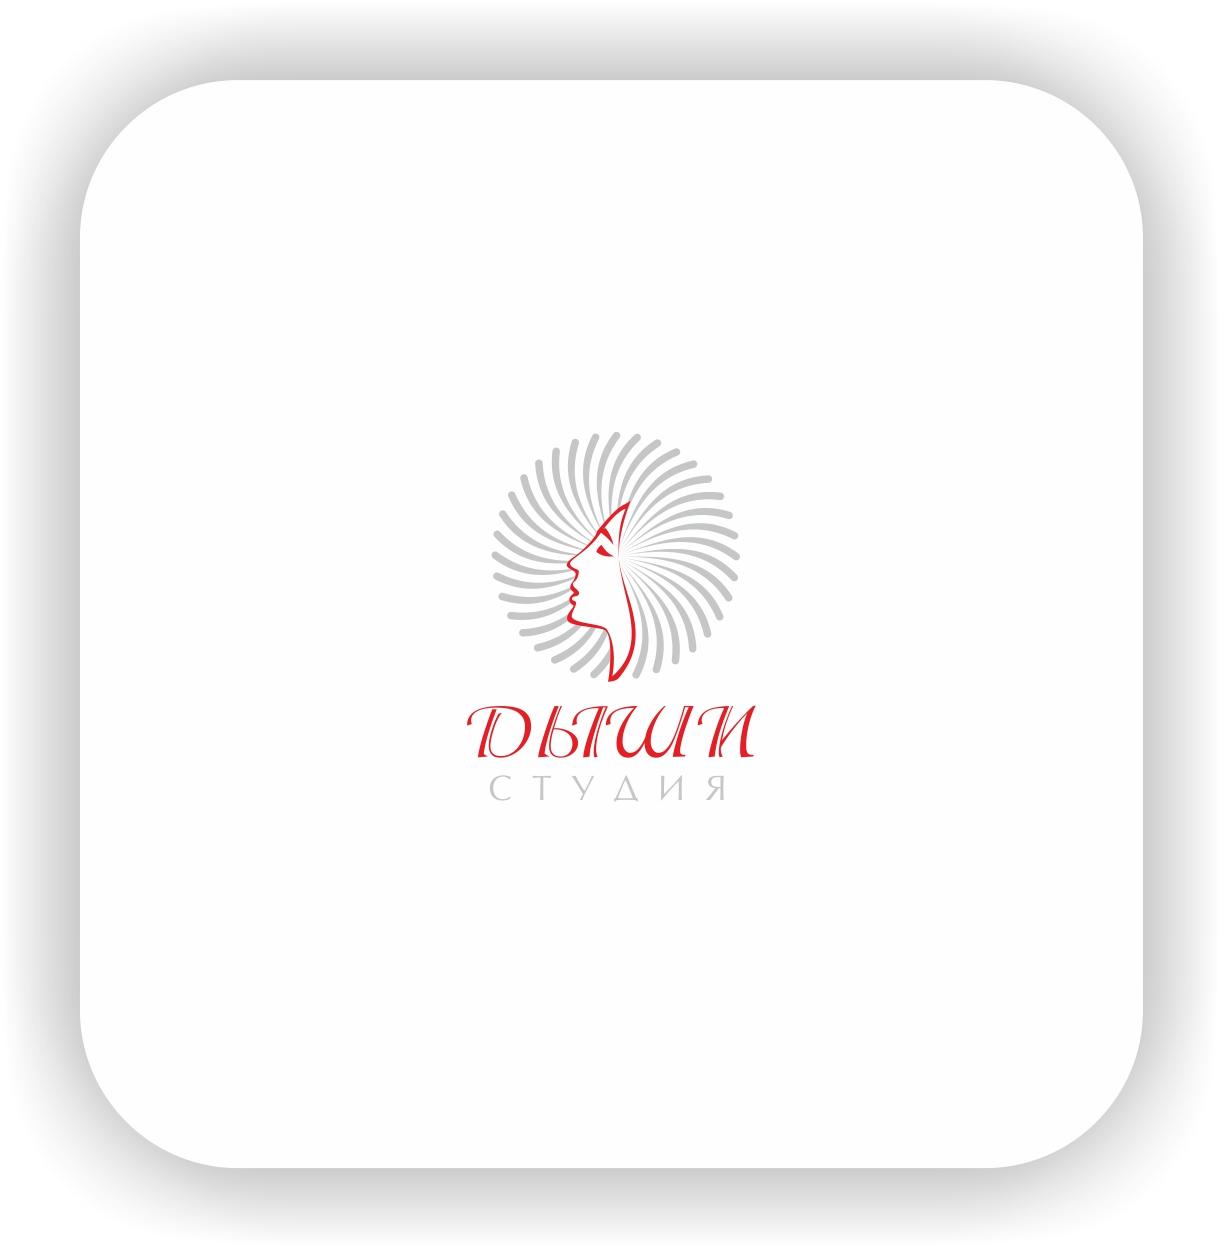 """Логотип для студии """"Дыши""""  и фирменный стиль фото f_03956fb64ac0f859.jpg"""